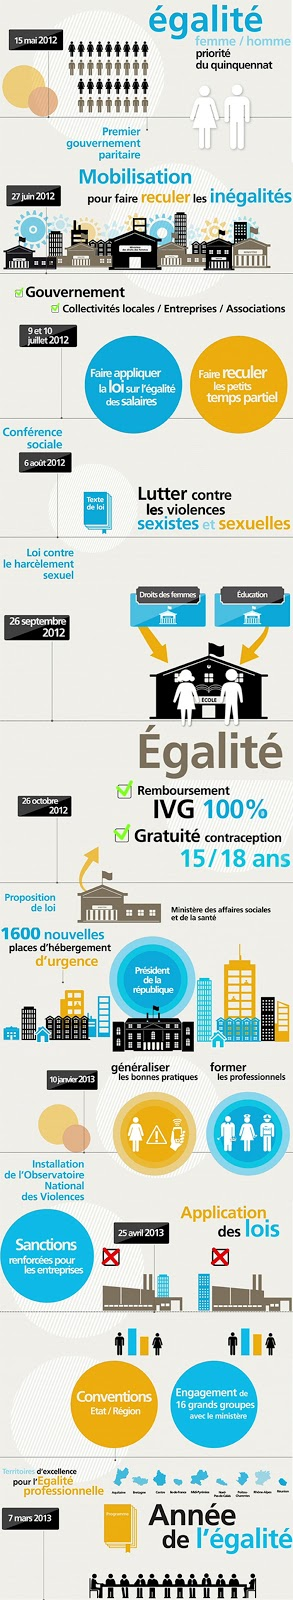 Infographie Ministère des Droits des Femmes